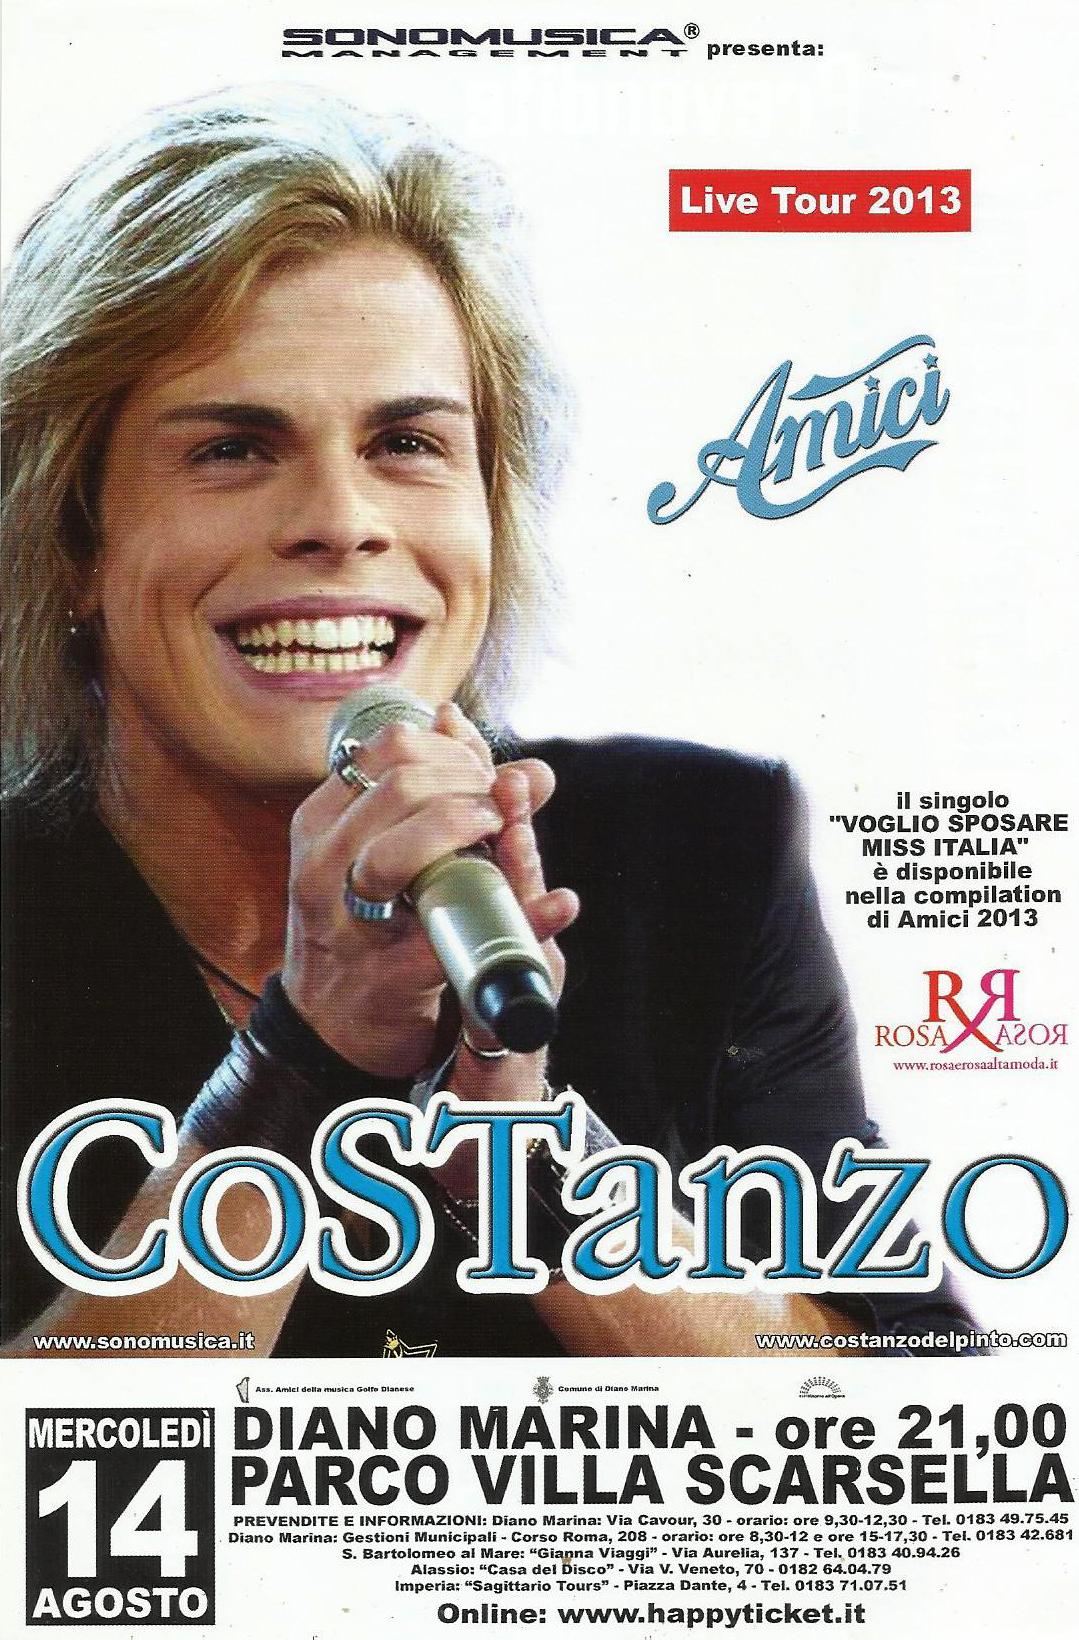 Costanzo-del-Pinto-diano-marina-2013